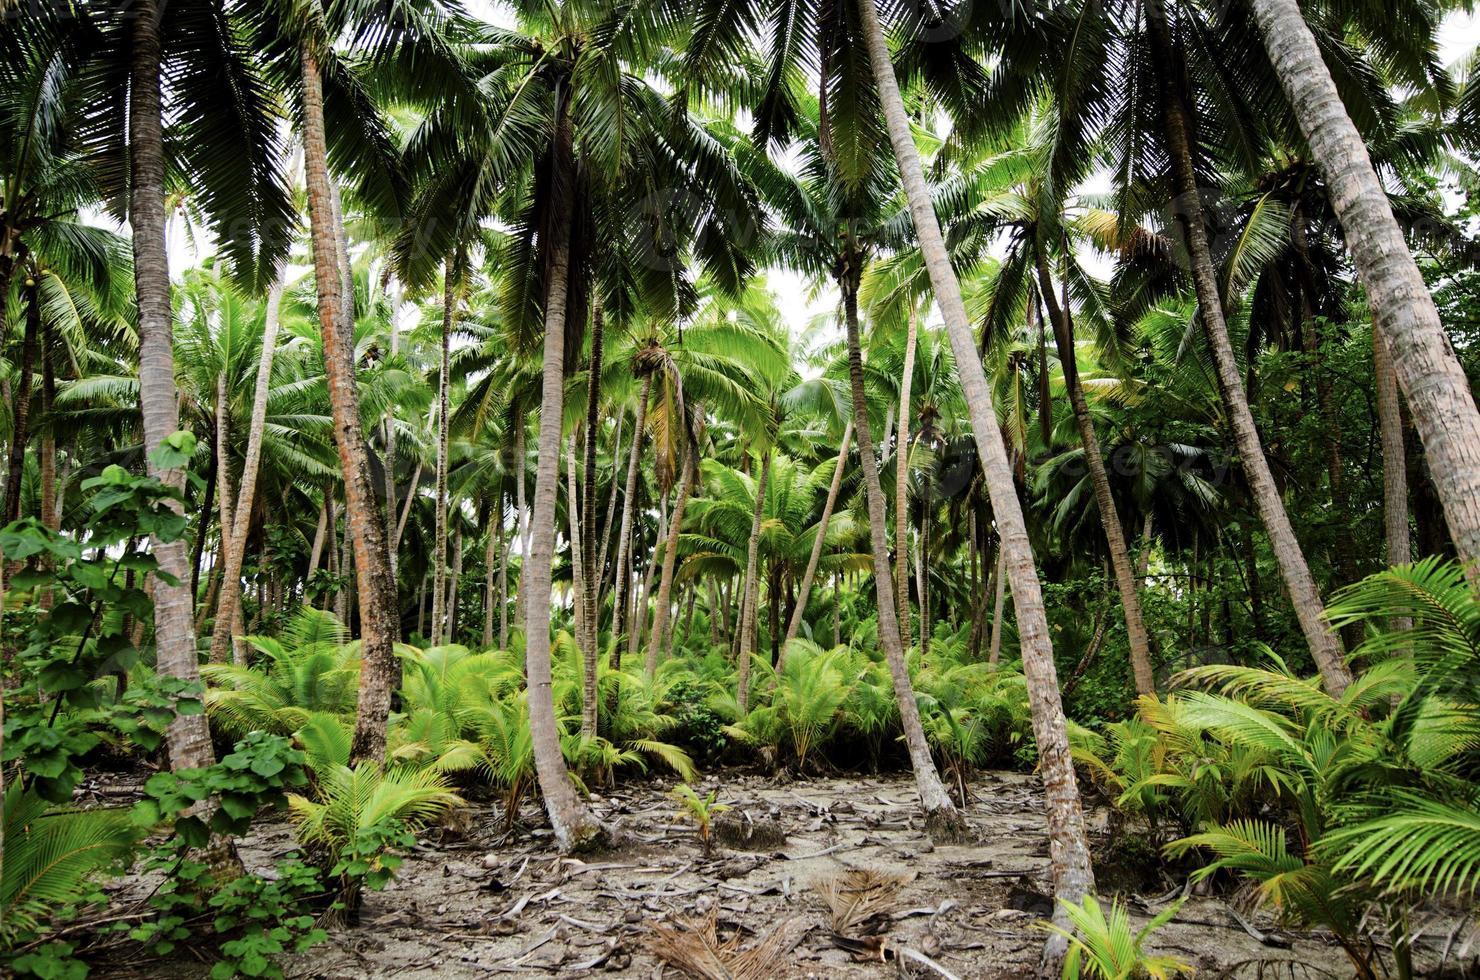 südpazifischer Regenwalddschungel foto